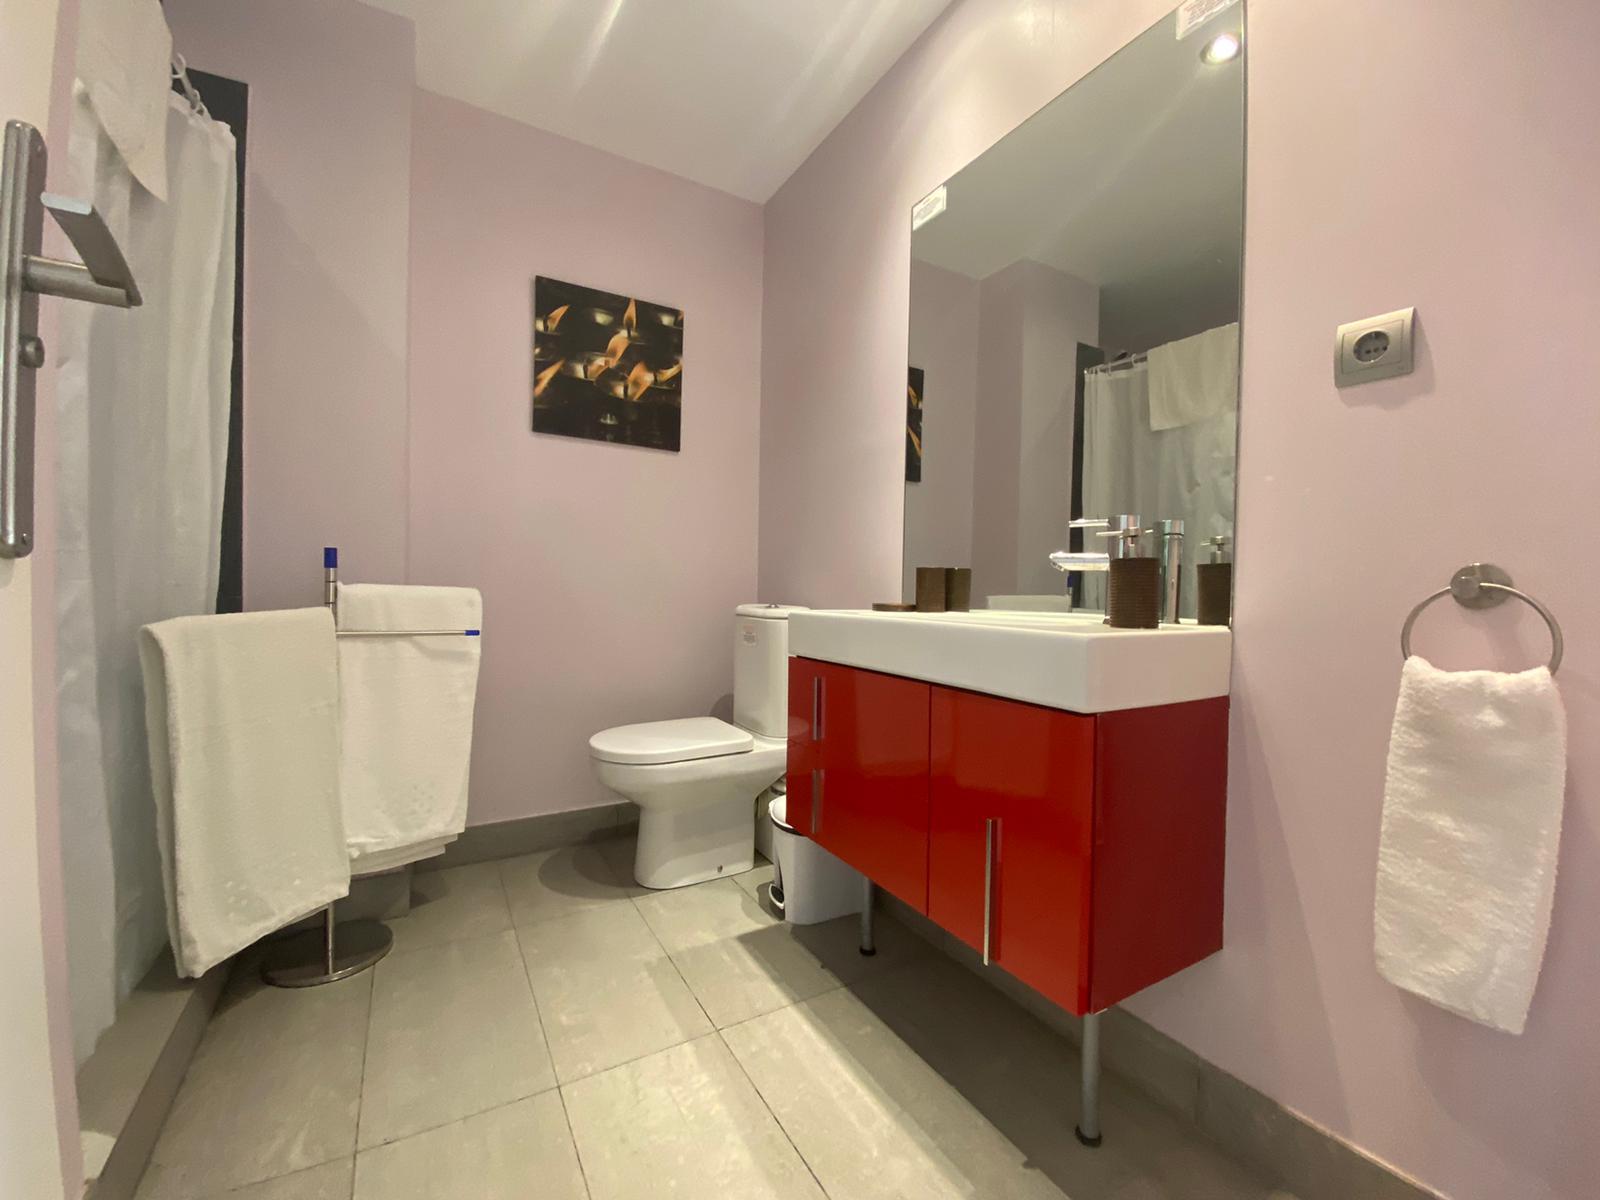 Imagen 13 del Apartamento Turístico, Ático 1 Central (3d+2b), Punta del Moral (HUELVA), Paseo de la Cruz nº22